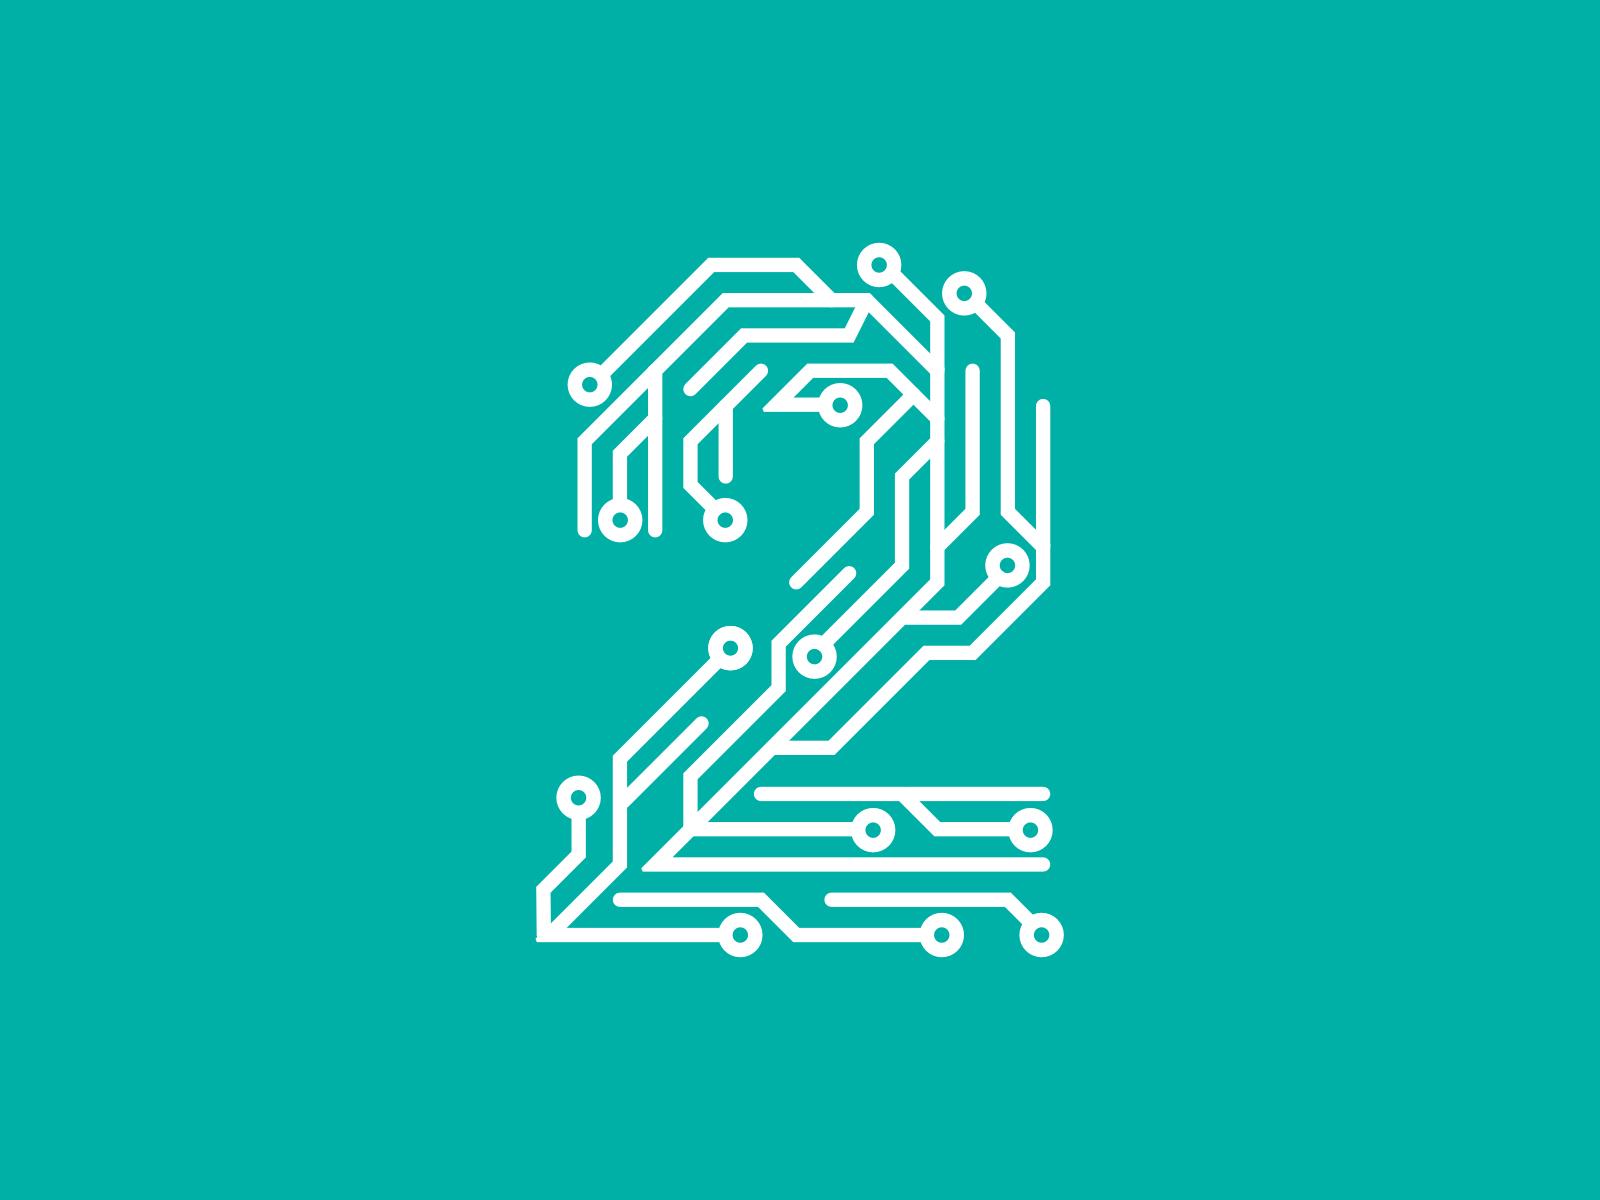 31. tech 2 tech symbol 2x